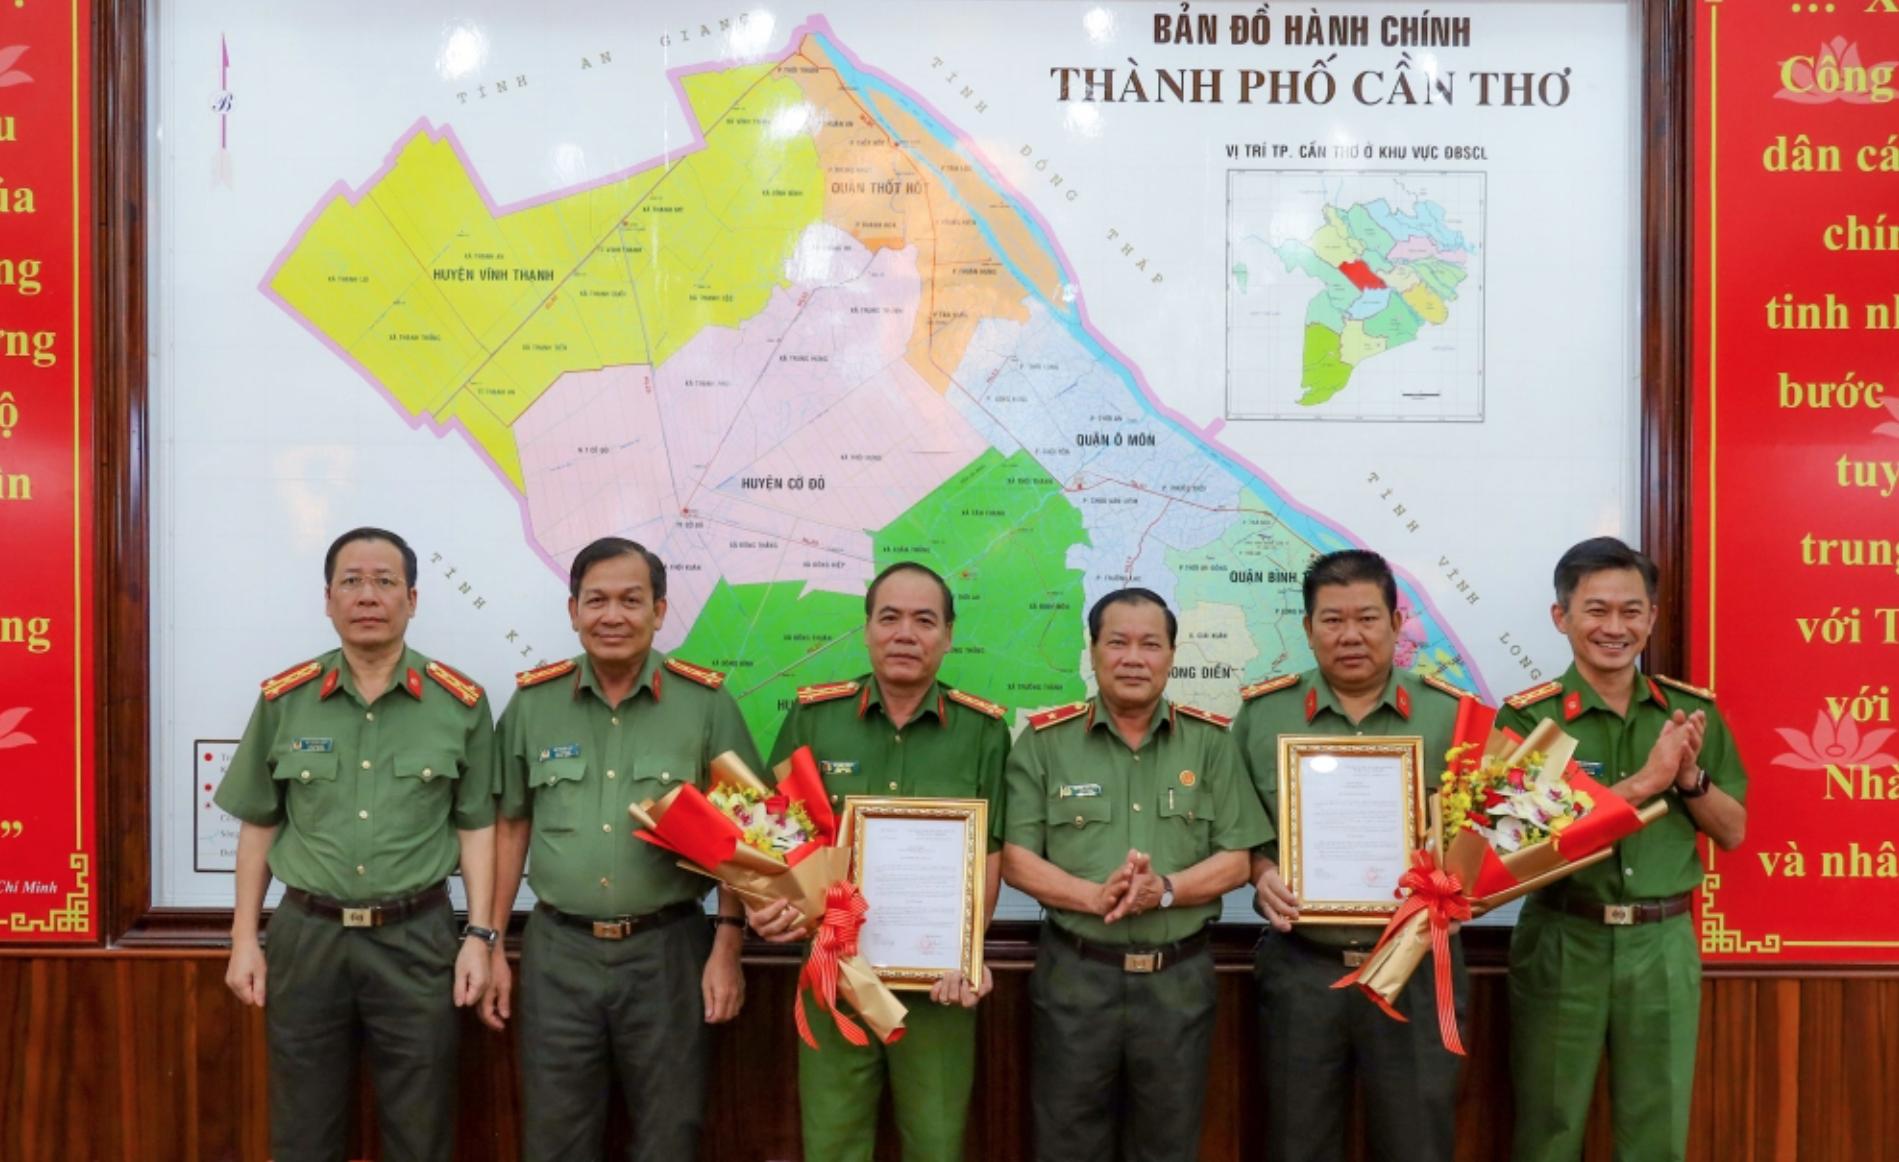 4 lãnh đạo công an vừa được bổ nhiệm cuối tuần qua - Ảnh 3.